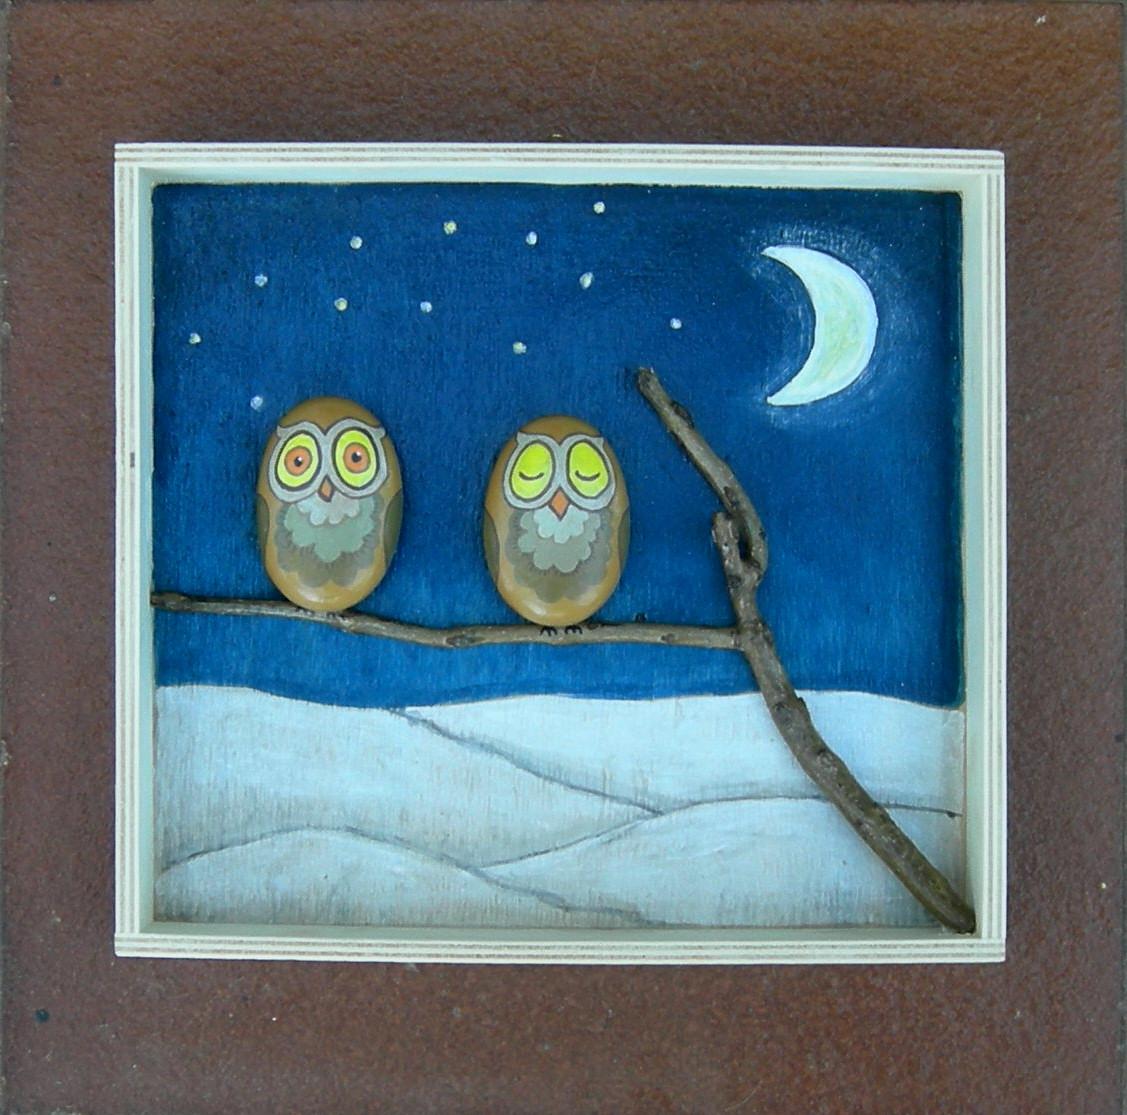 Kedibu murales y objetos decorativos cuadrito 2 b hos - Cuadros hechos con piedras ...